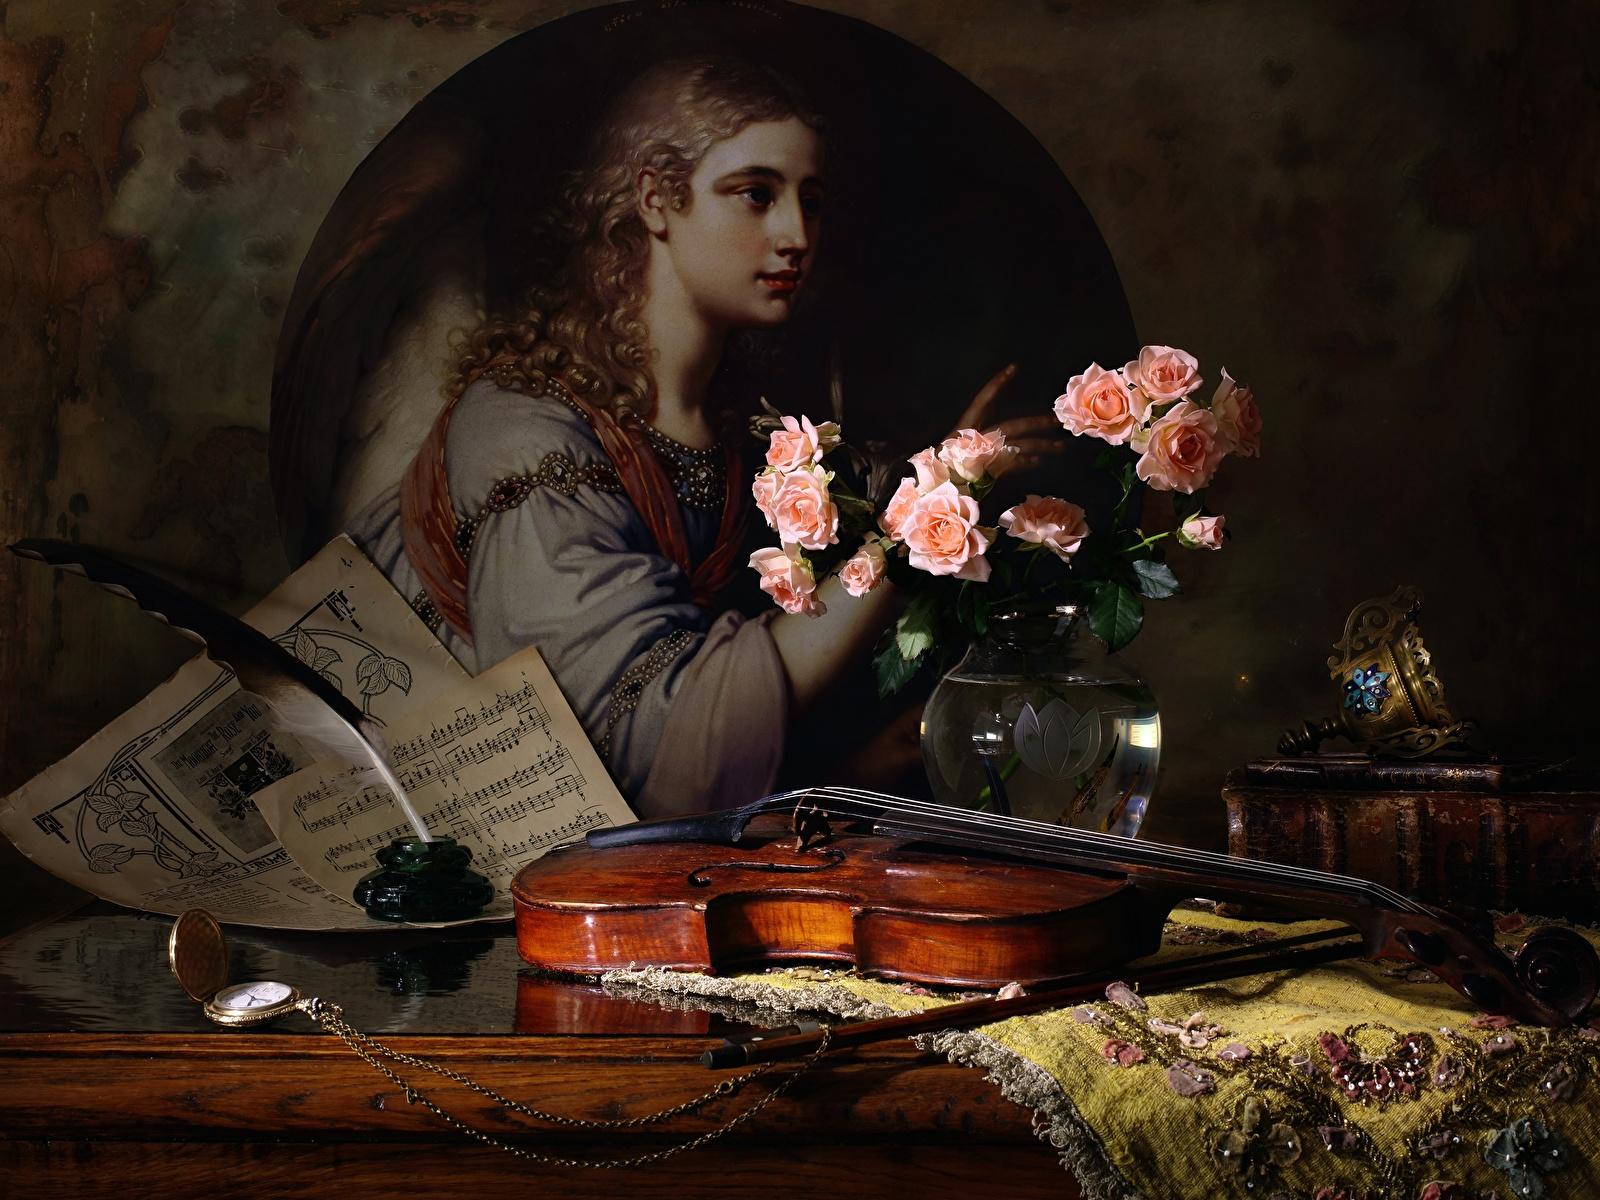 Картинка Скрипки Розы Перья Натюрморт 1600x1200 скрипка роза